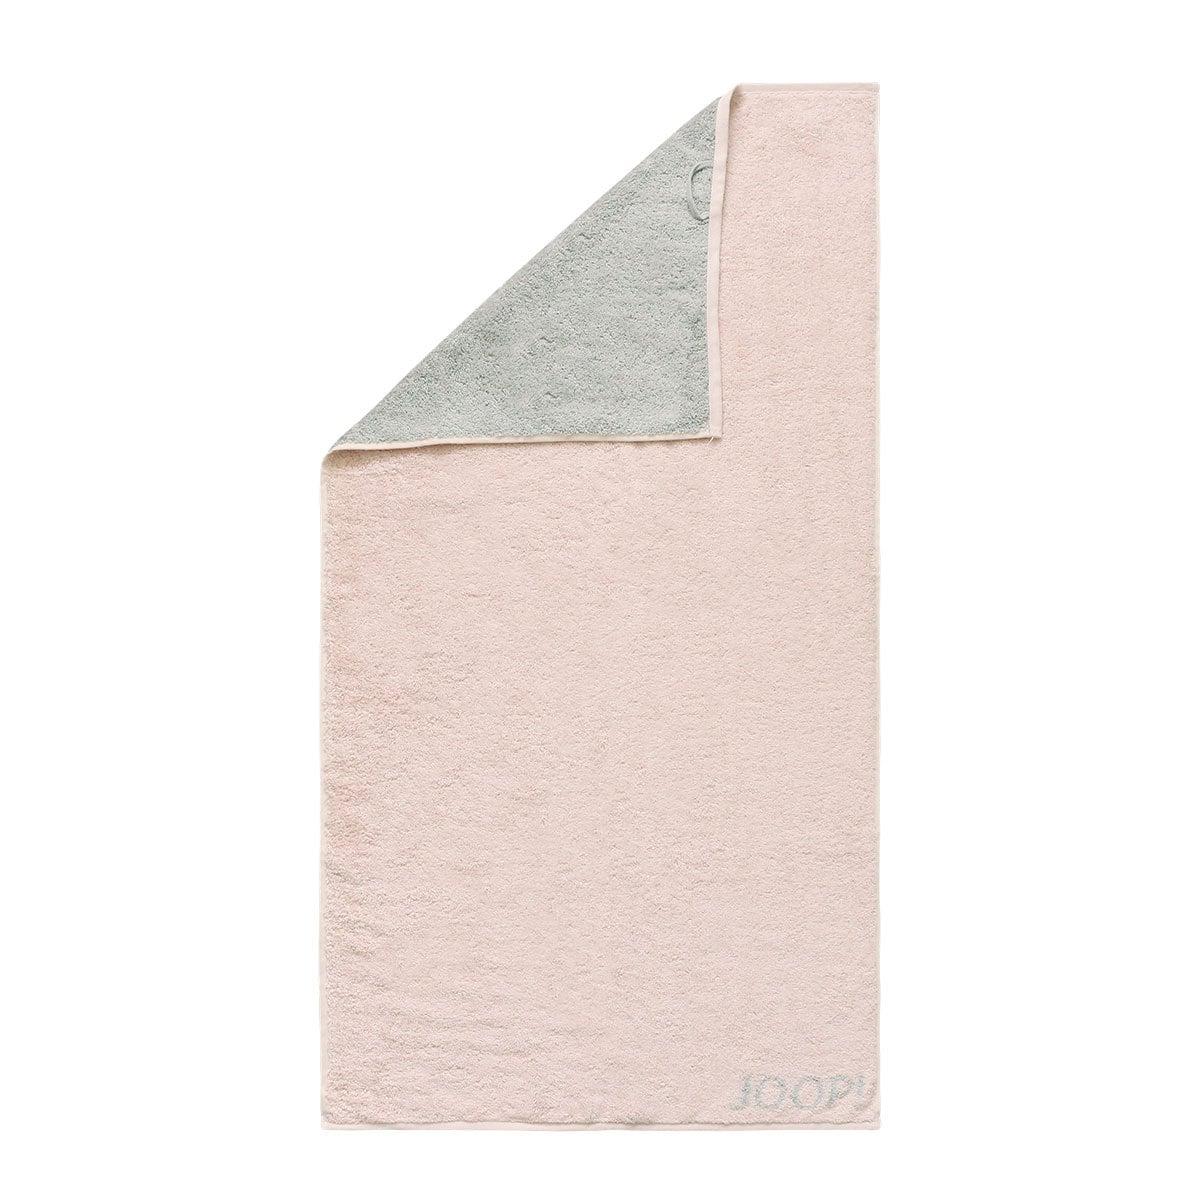 joop frottier handt cher purity doubleface rose g nstig online kaufen bei bettwaren shop. Black Bedroom Furniture Sets. Home Design Ideas